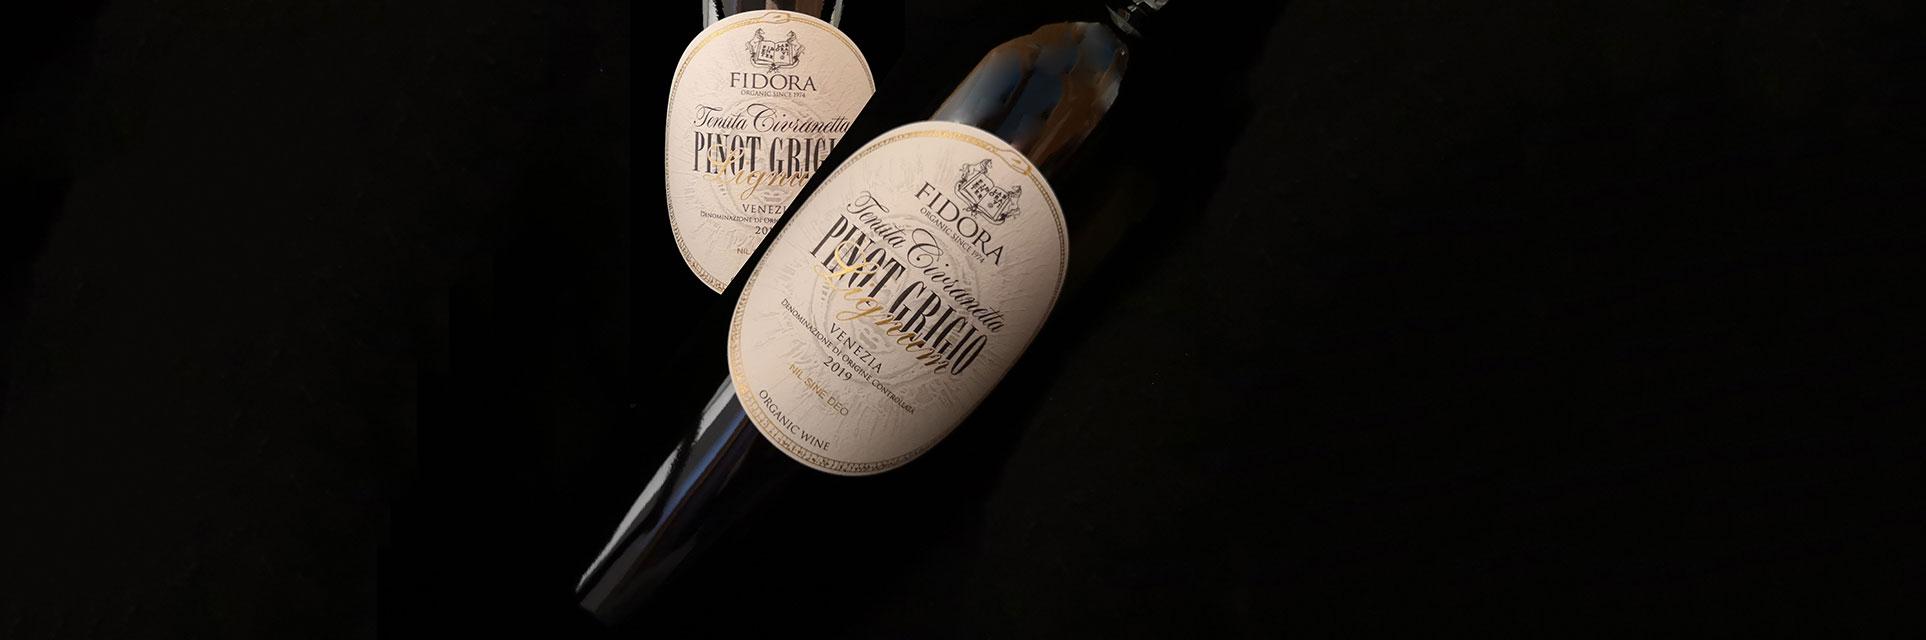 Pinot Grigio Lignum EN